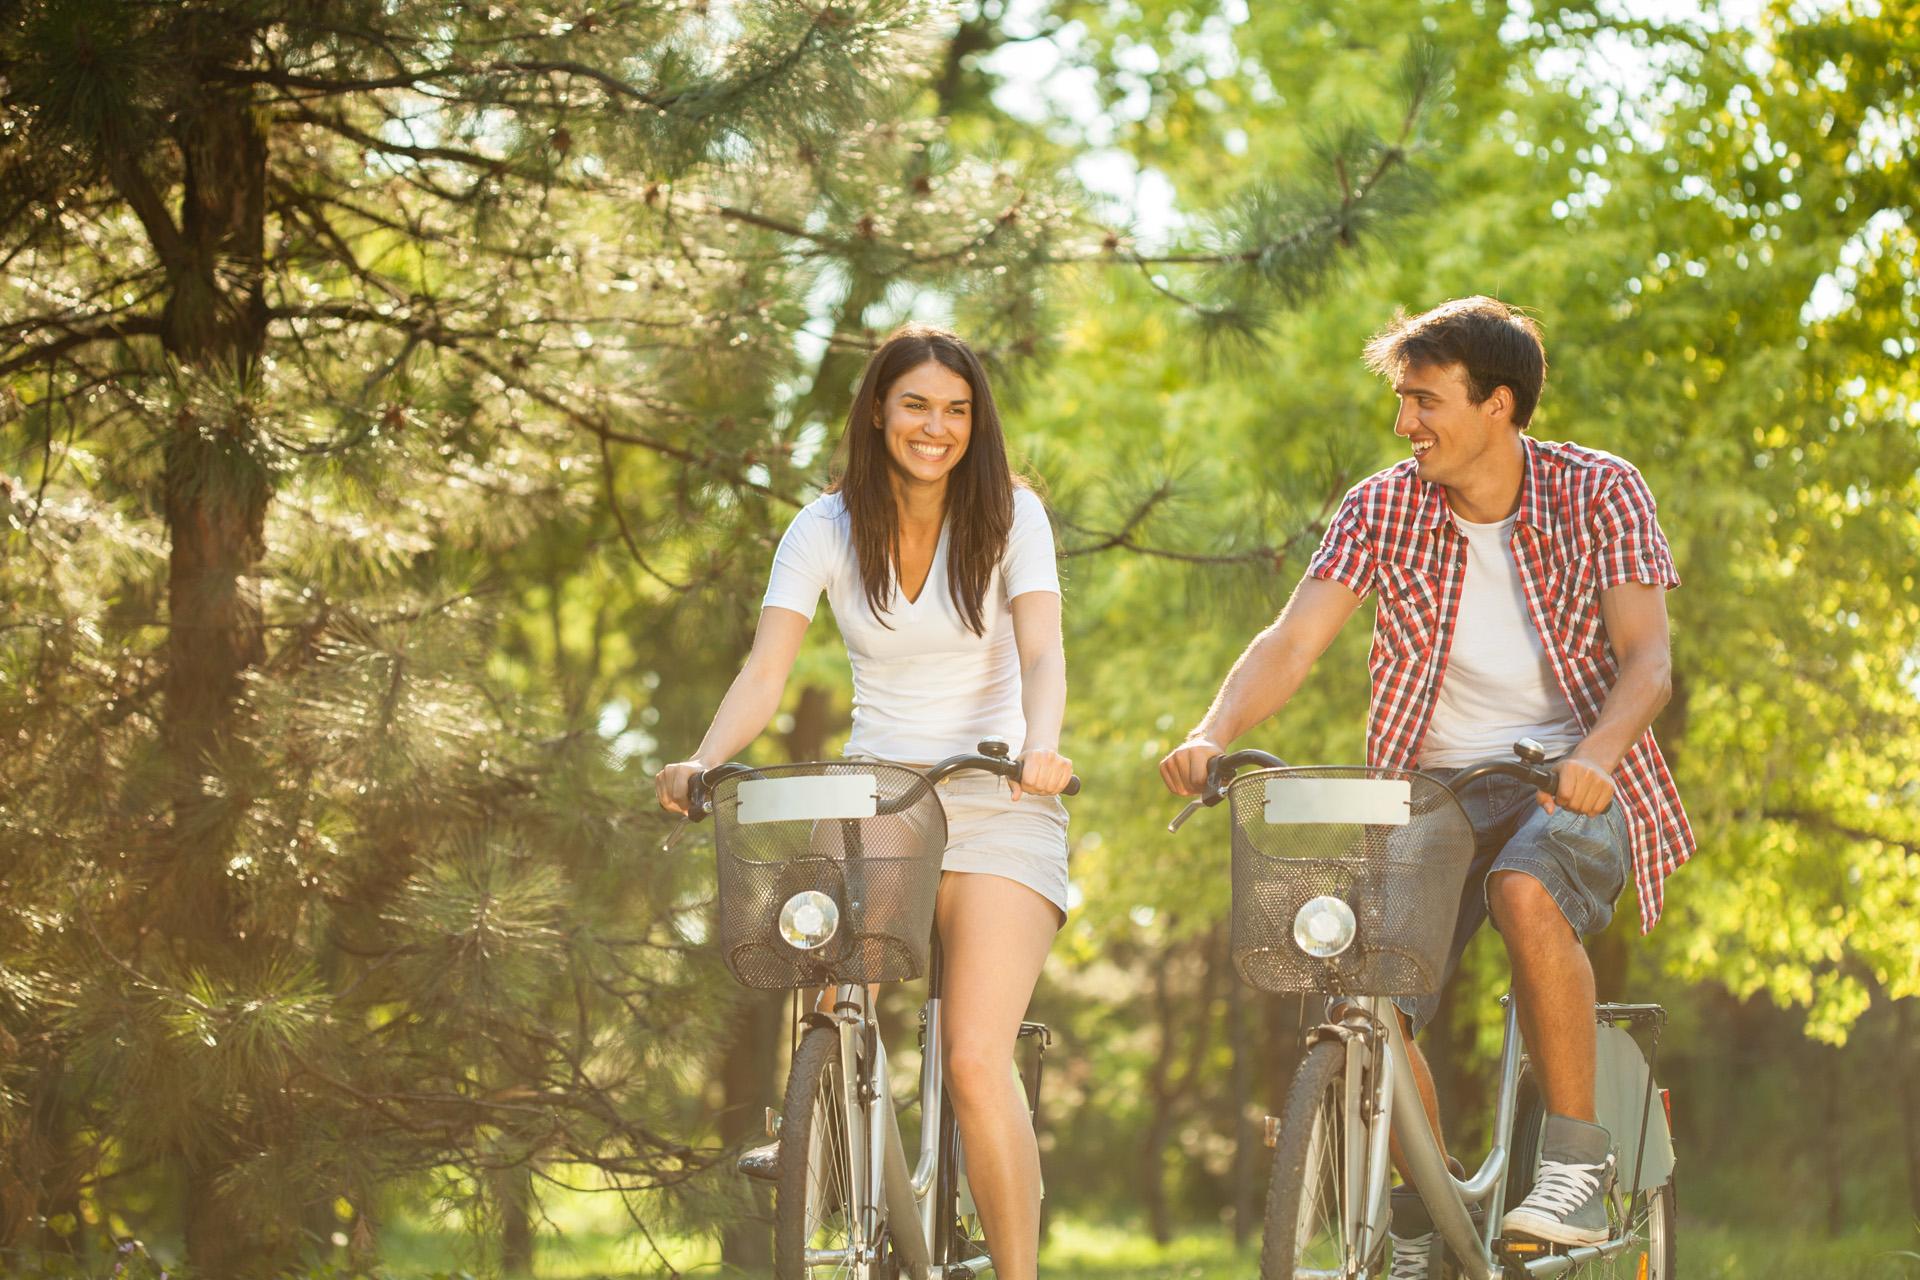 Uitje-met-vriendin-fietsen